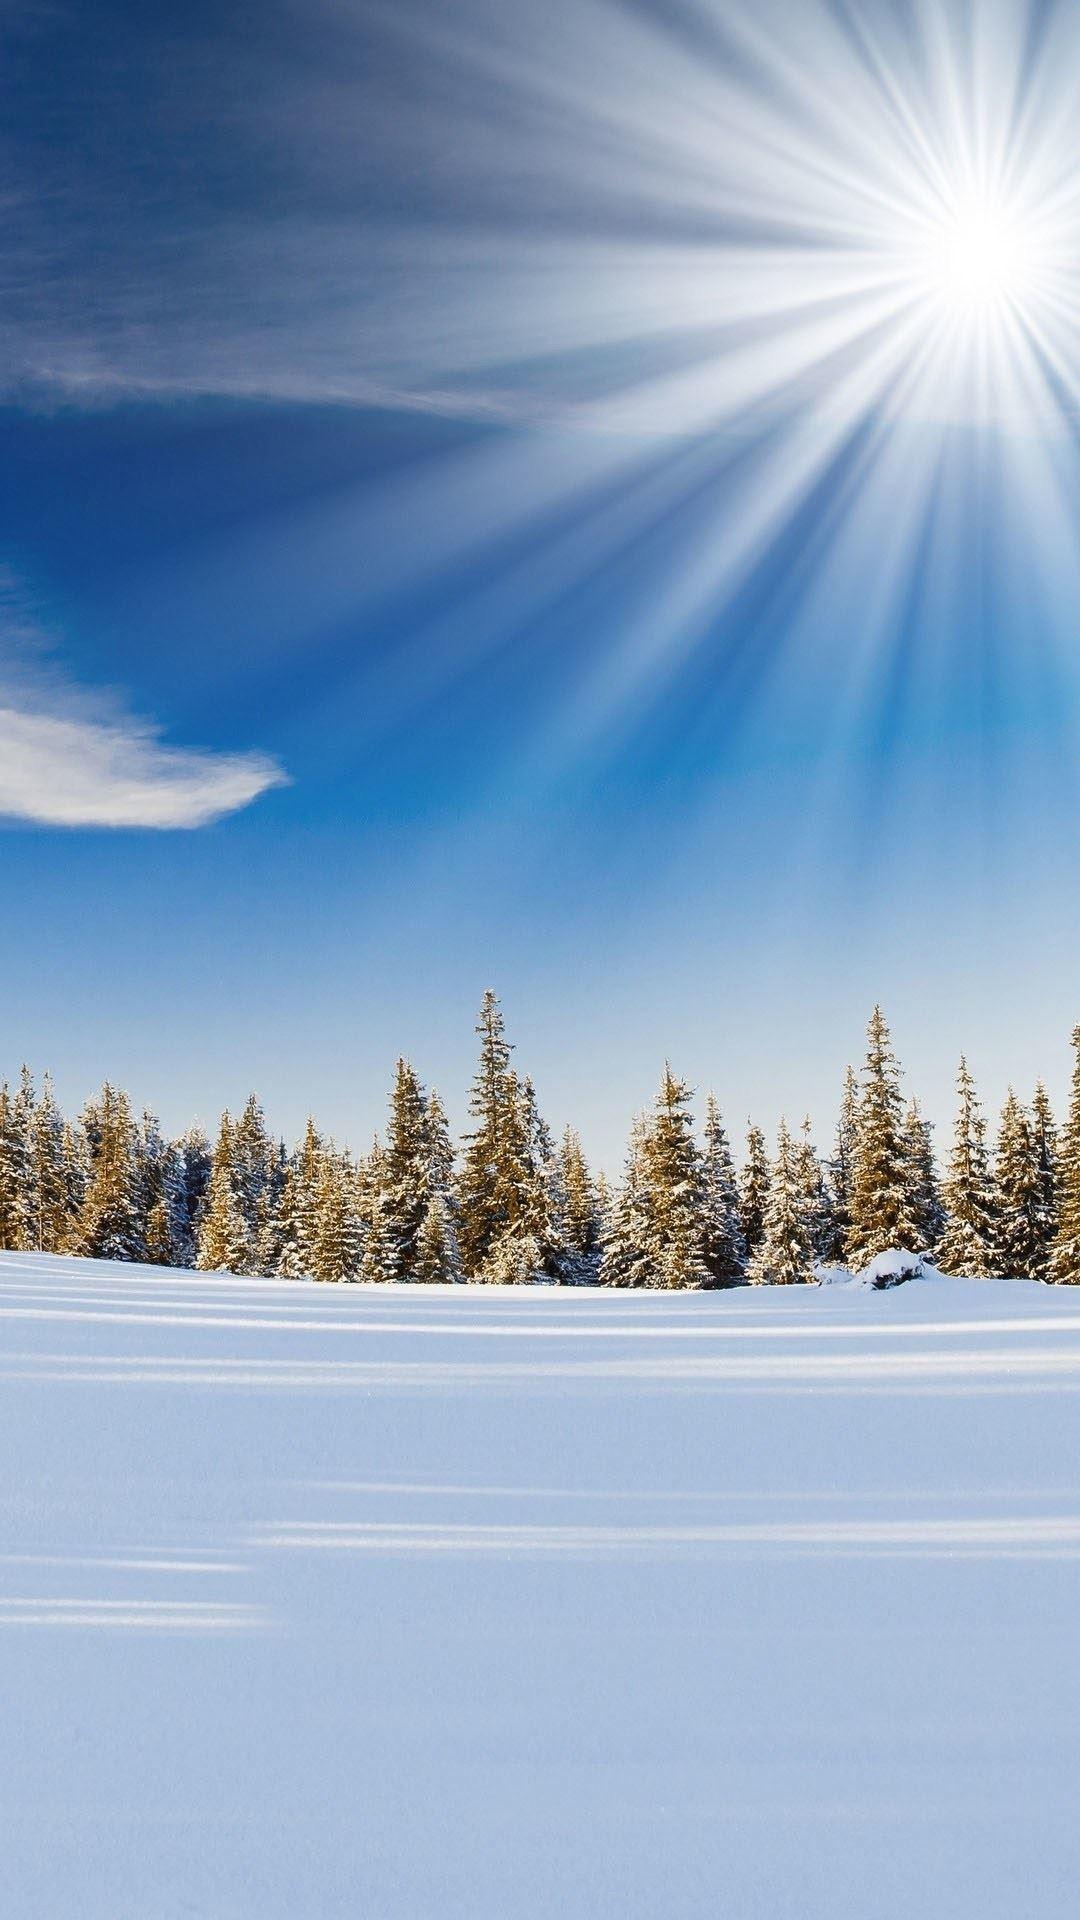 Обои На Телефон Андроид Вертикальные Зима